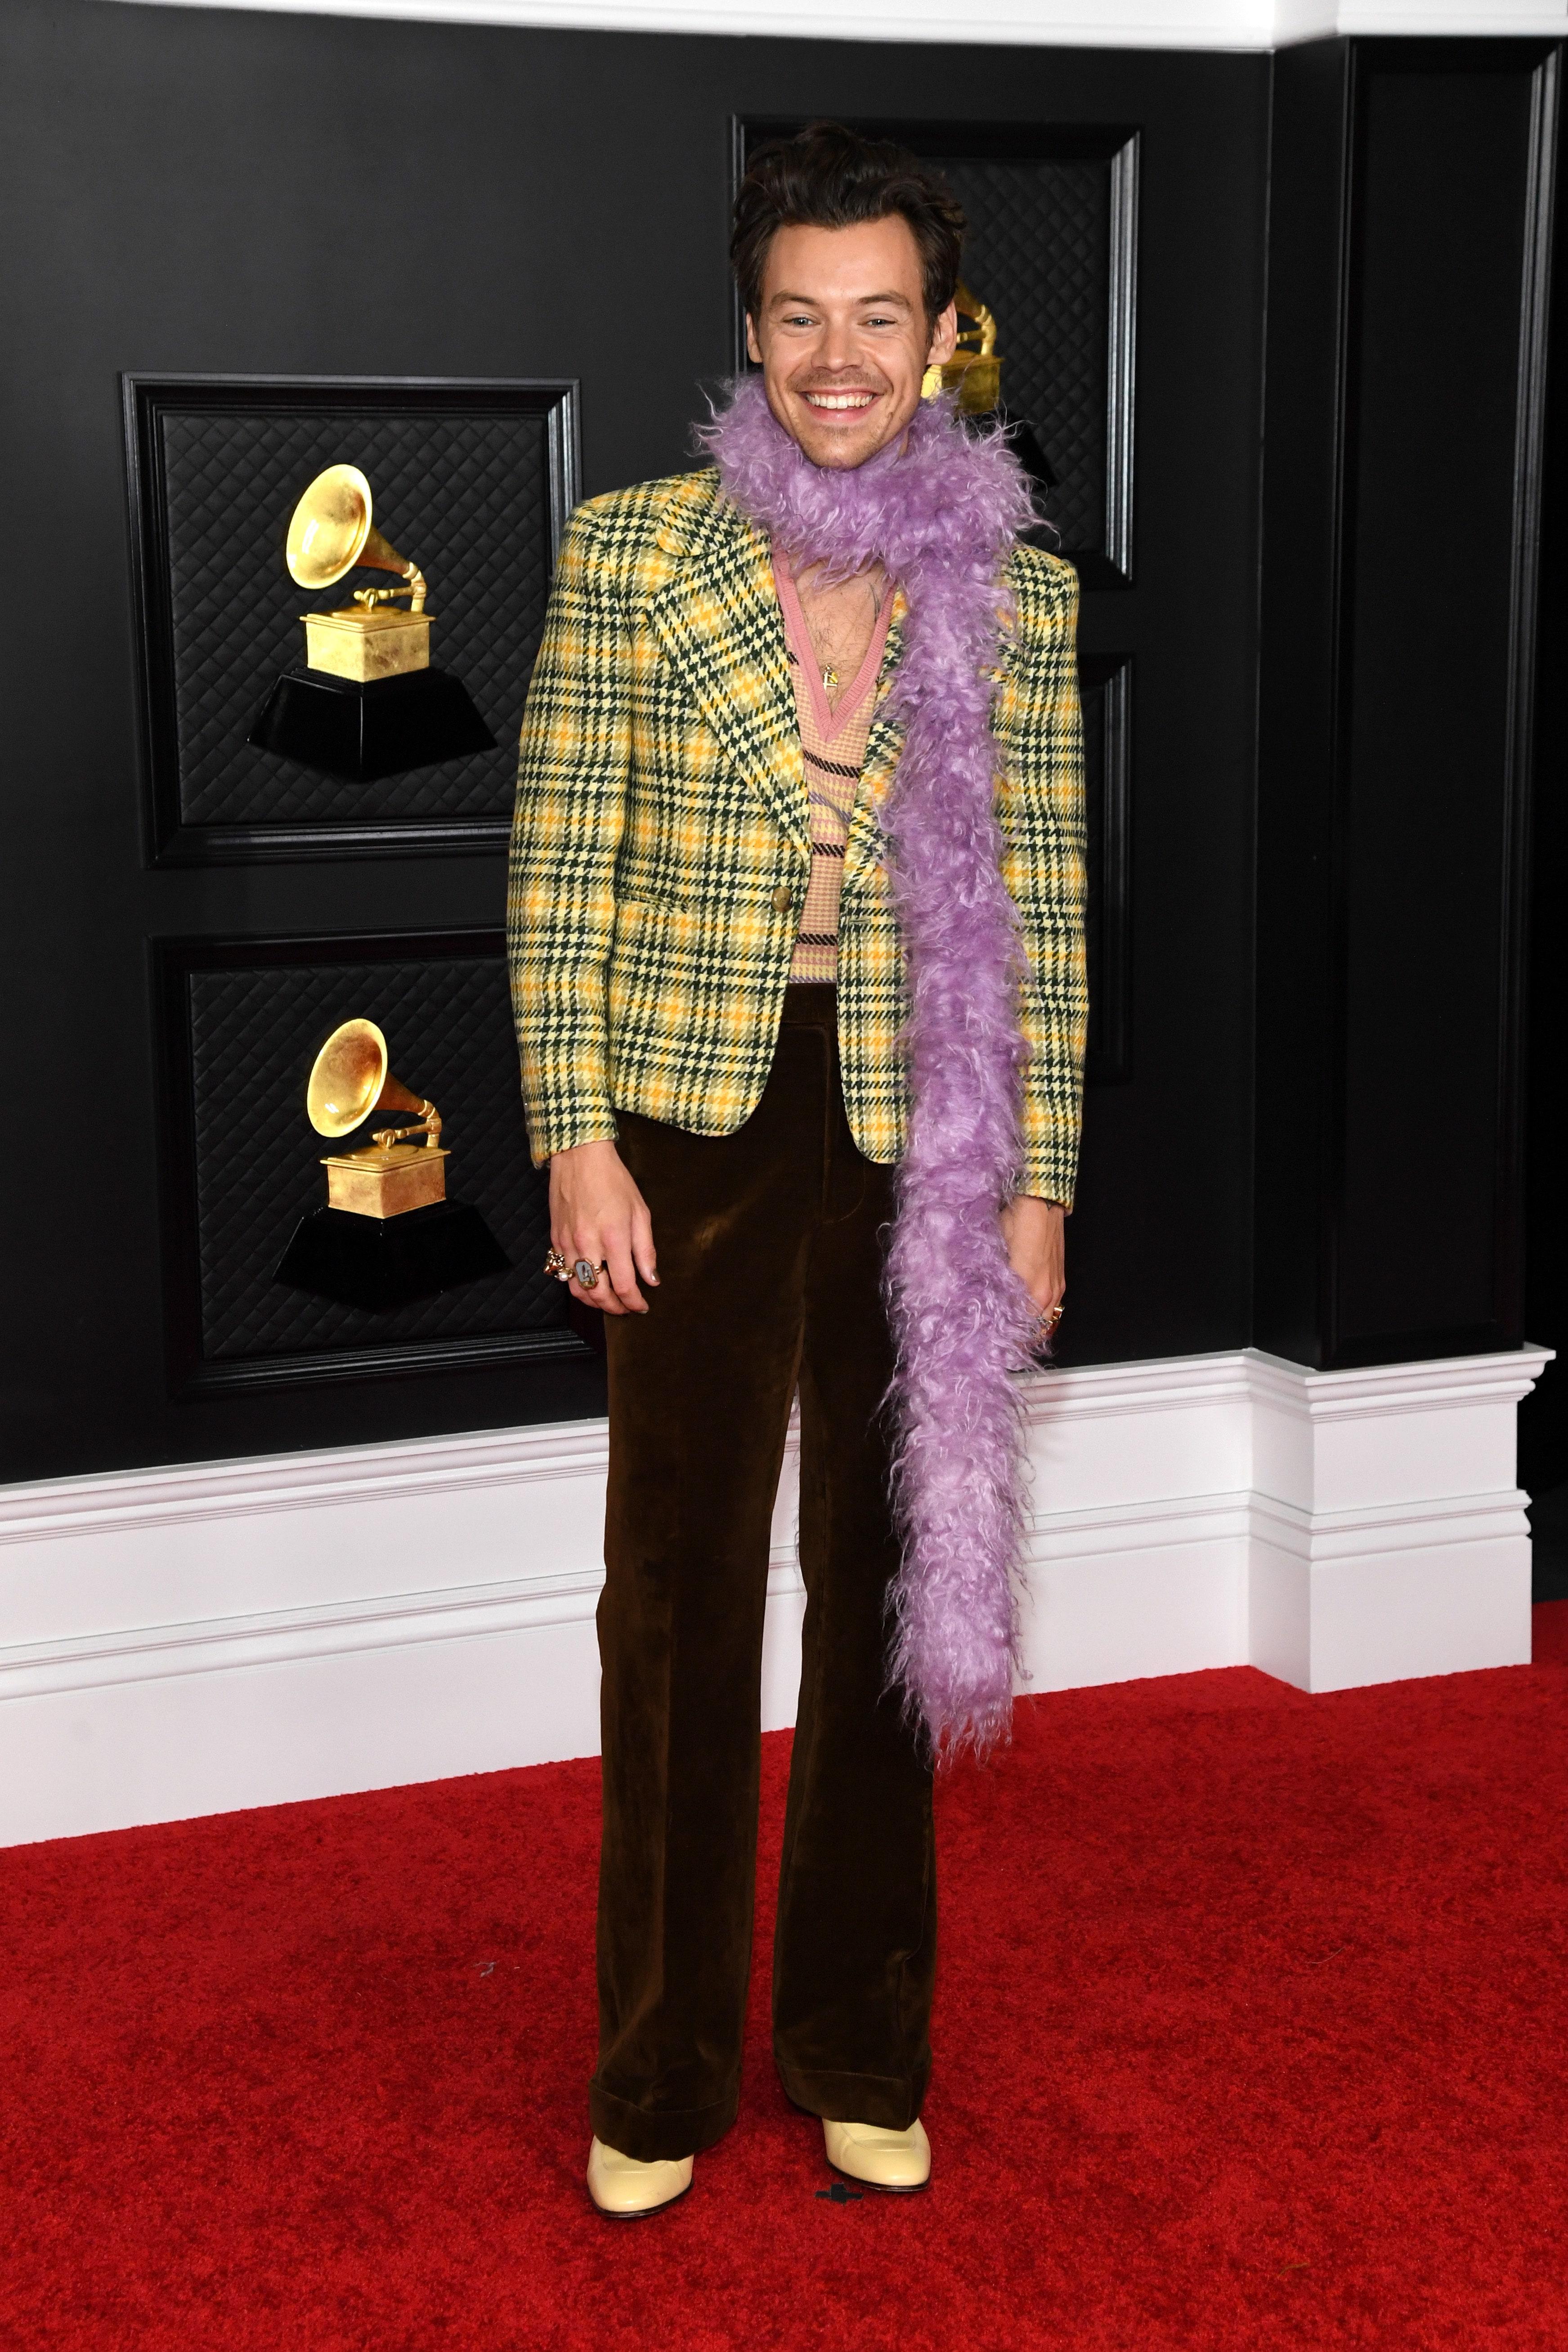 Мужская мода стала интереснее женской? Почему Гарри Стайлс в боа вызывает больше восторга, чем полуголая Дуа Липа